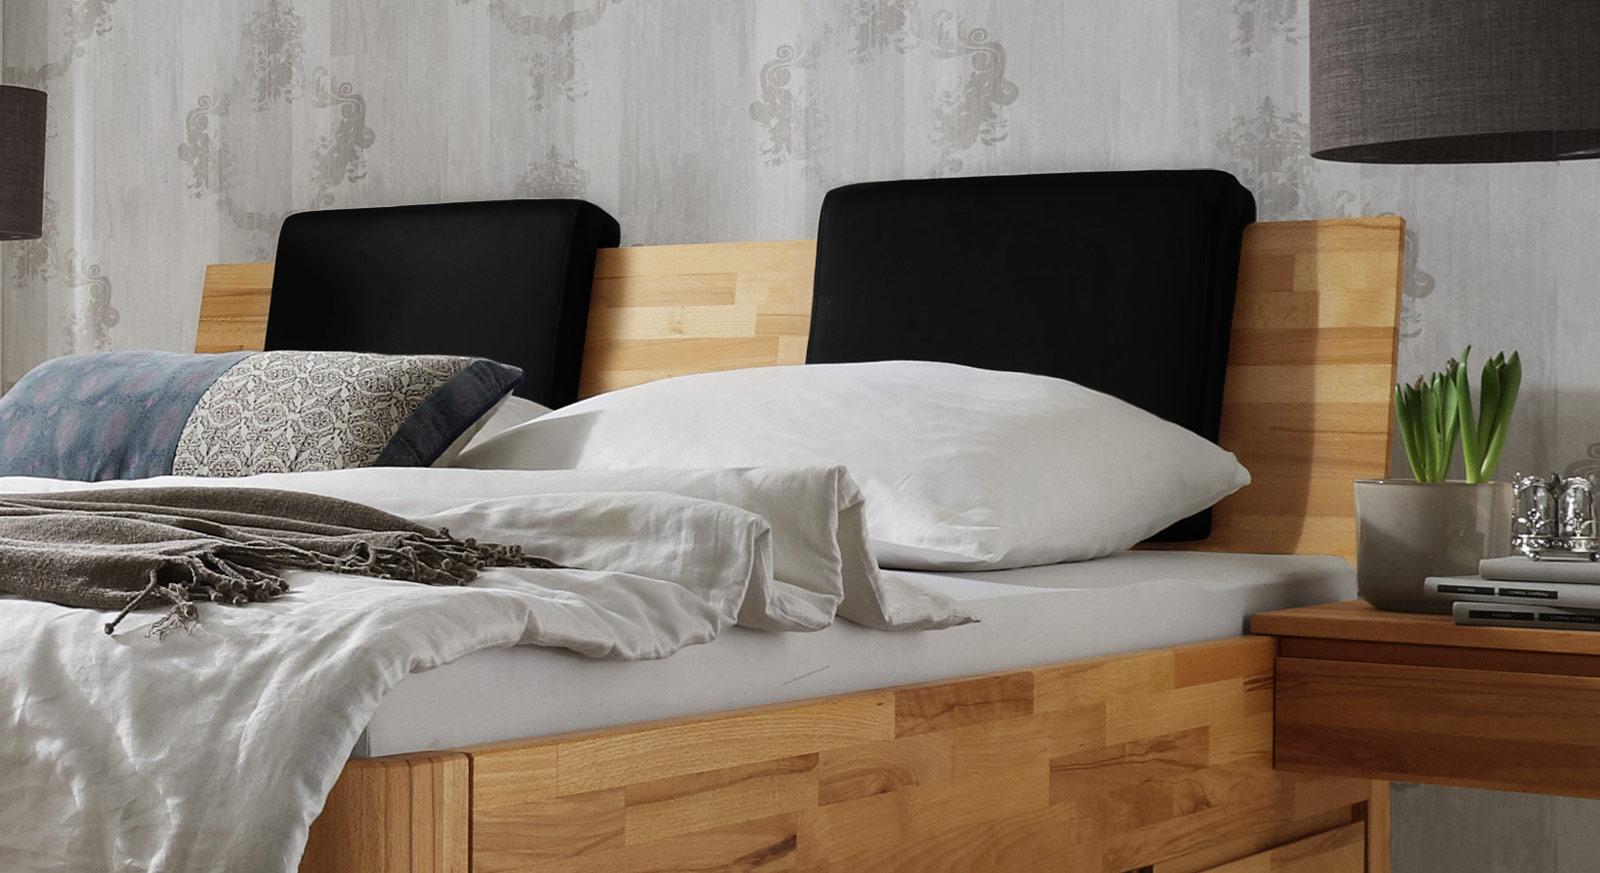 Einsteck-Kissen Zarbo aus schwarzem Kunstleder